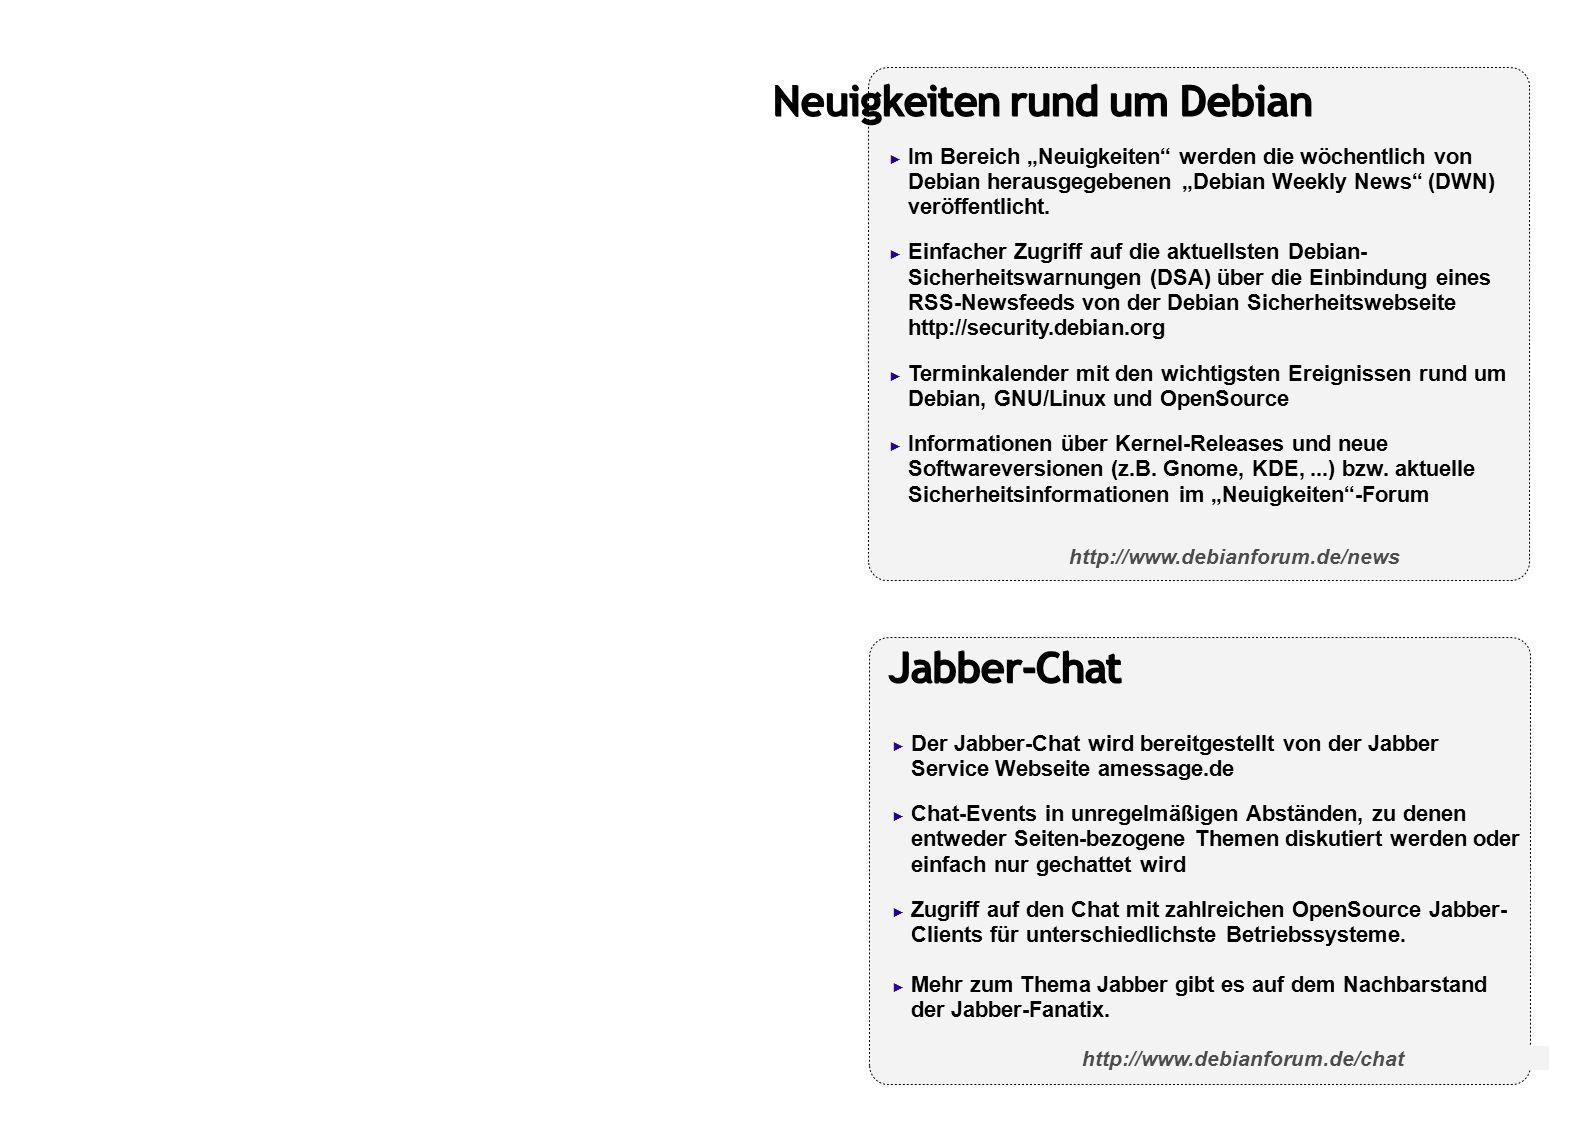 """Neuigkeiten rund um Debian ► Im Bereich """"Neuigkeiten werden die wöchentlich von Debian herausgegebenen """"Debian Weekly News (DWN) veröffentlicht."""